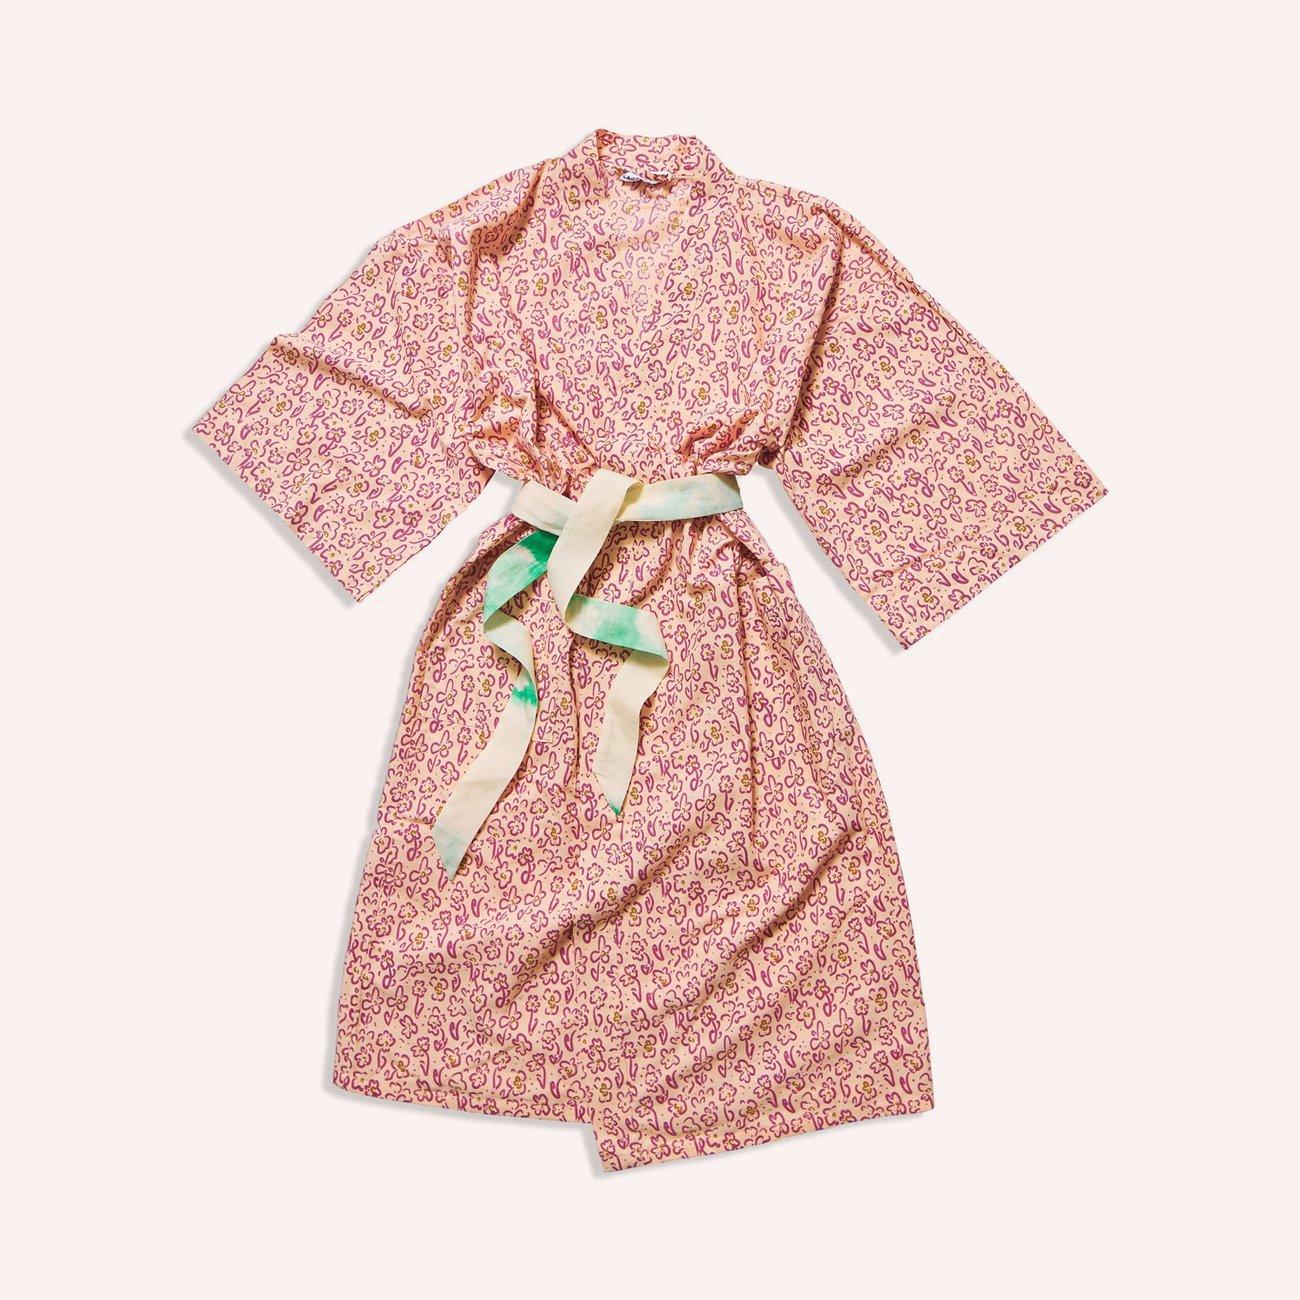 Robe for Mum